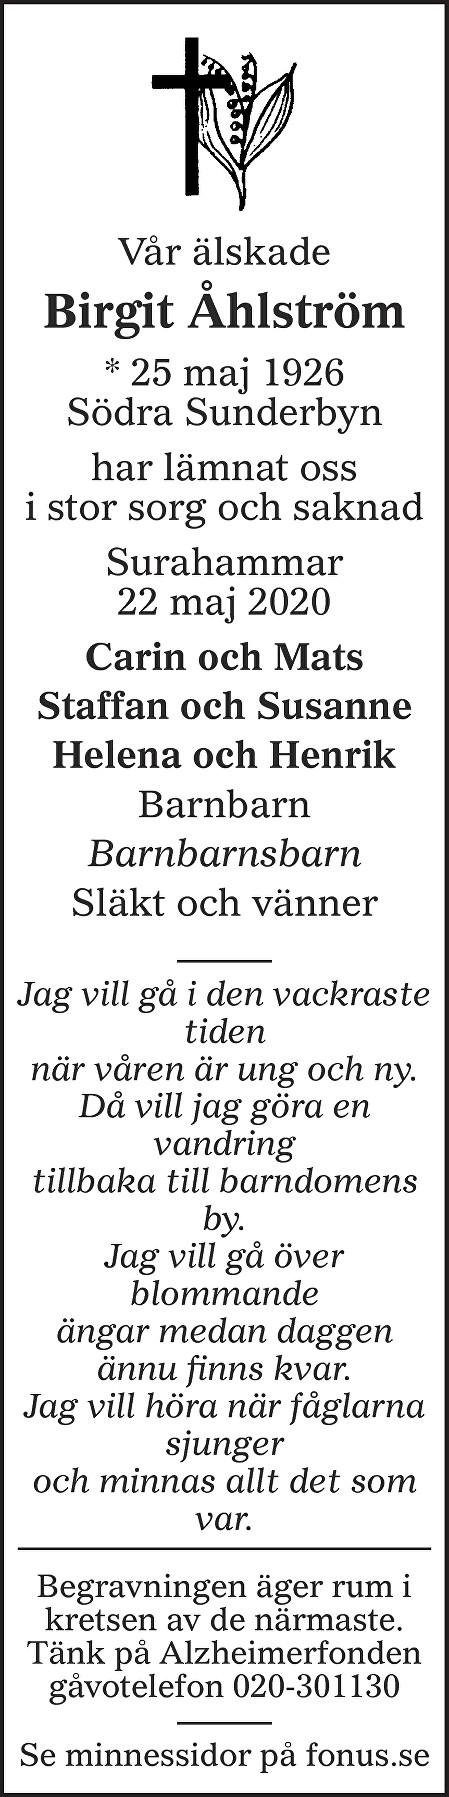 Birgit Åhlström Death notice